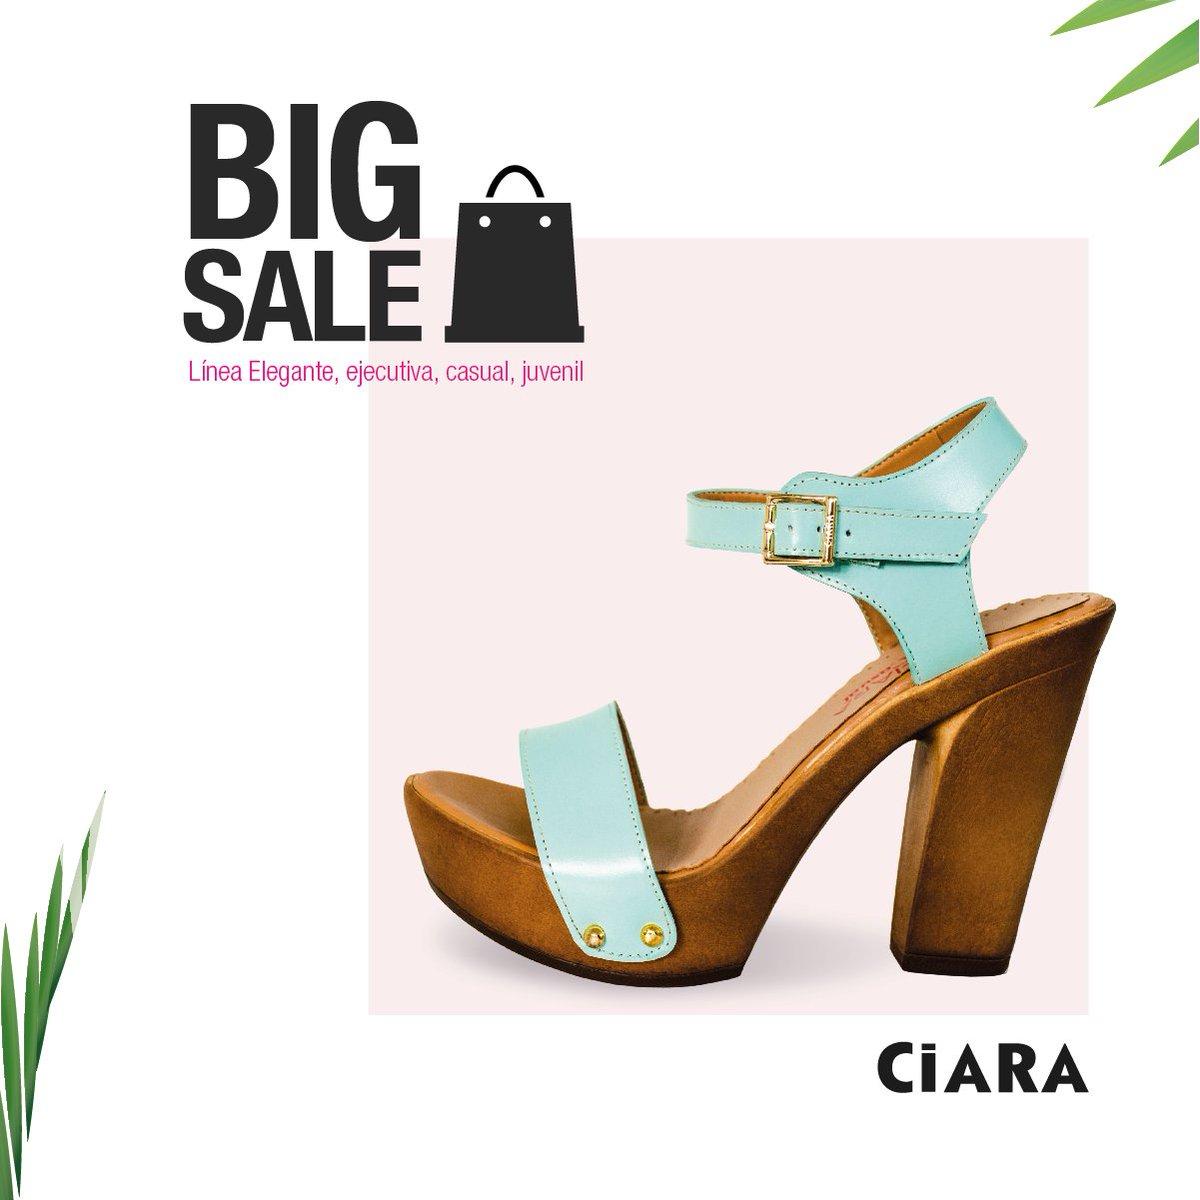 Descuentos de Verano en #CiaraCalzados Encuentra nuestra #lineacasual en todas nuestras tiendas #BigSale 👠 😍😱